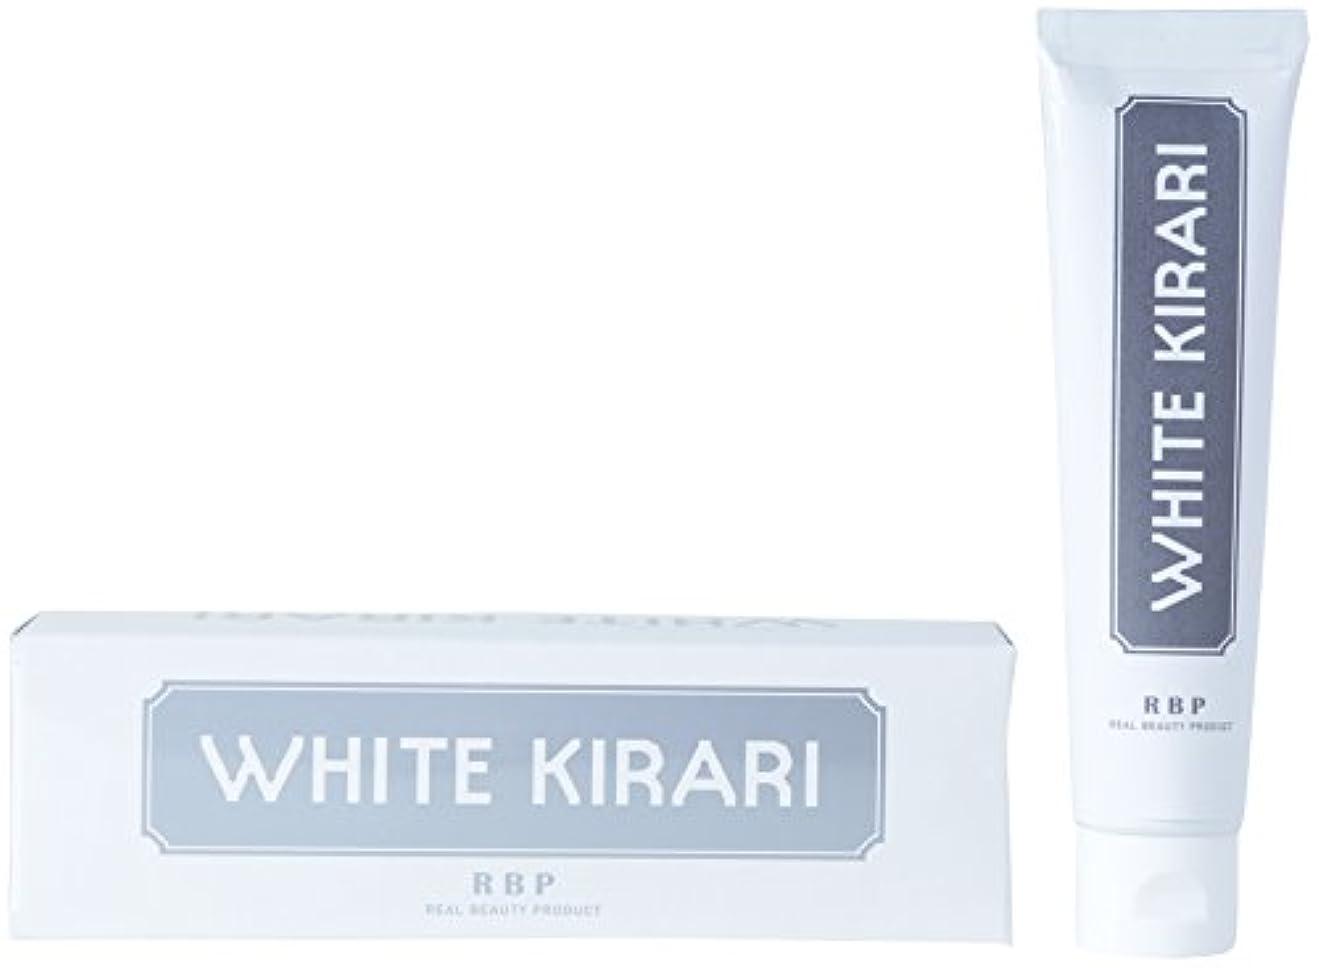 行う実用的クロニクルリアルビューティプロダクト(RBP) WHITE KIRARI 95g LED付